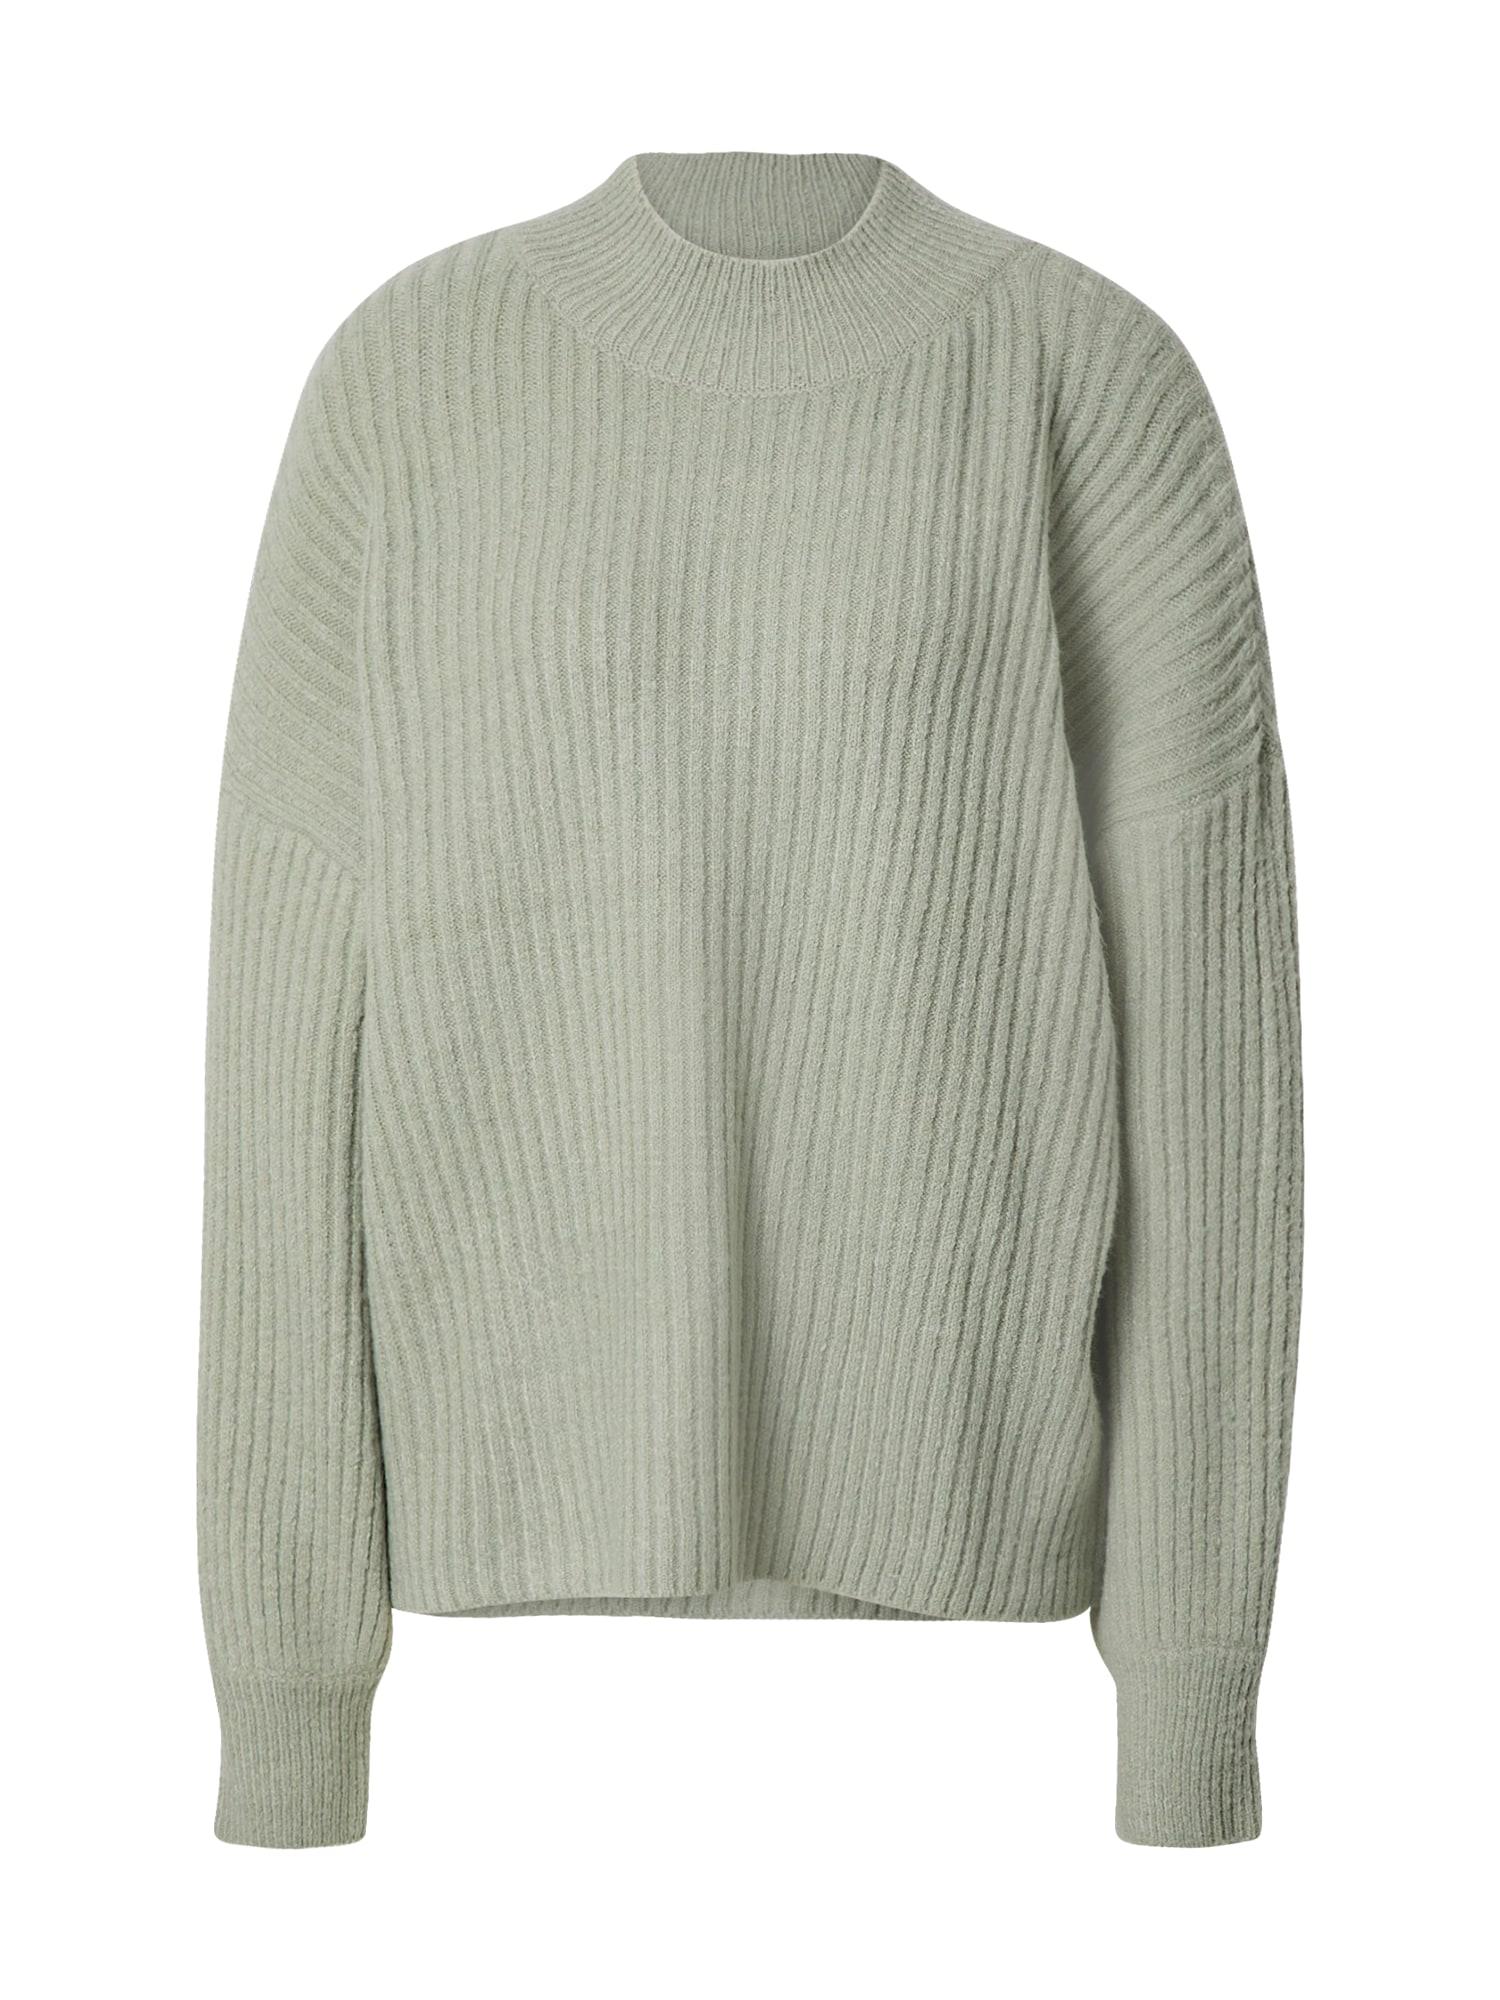 24COLOURS Megztinis pastelinė žalia